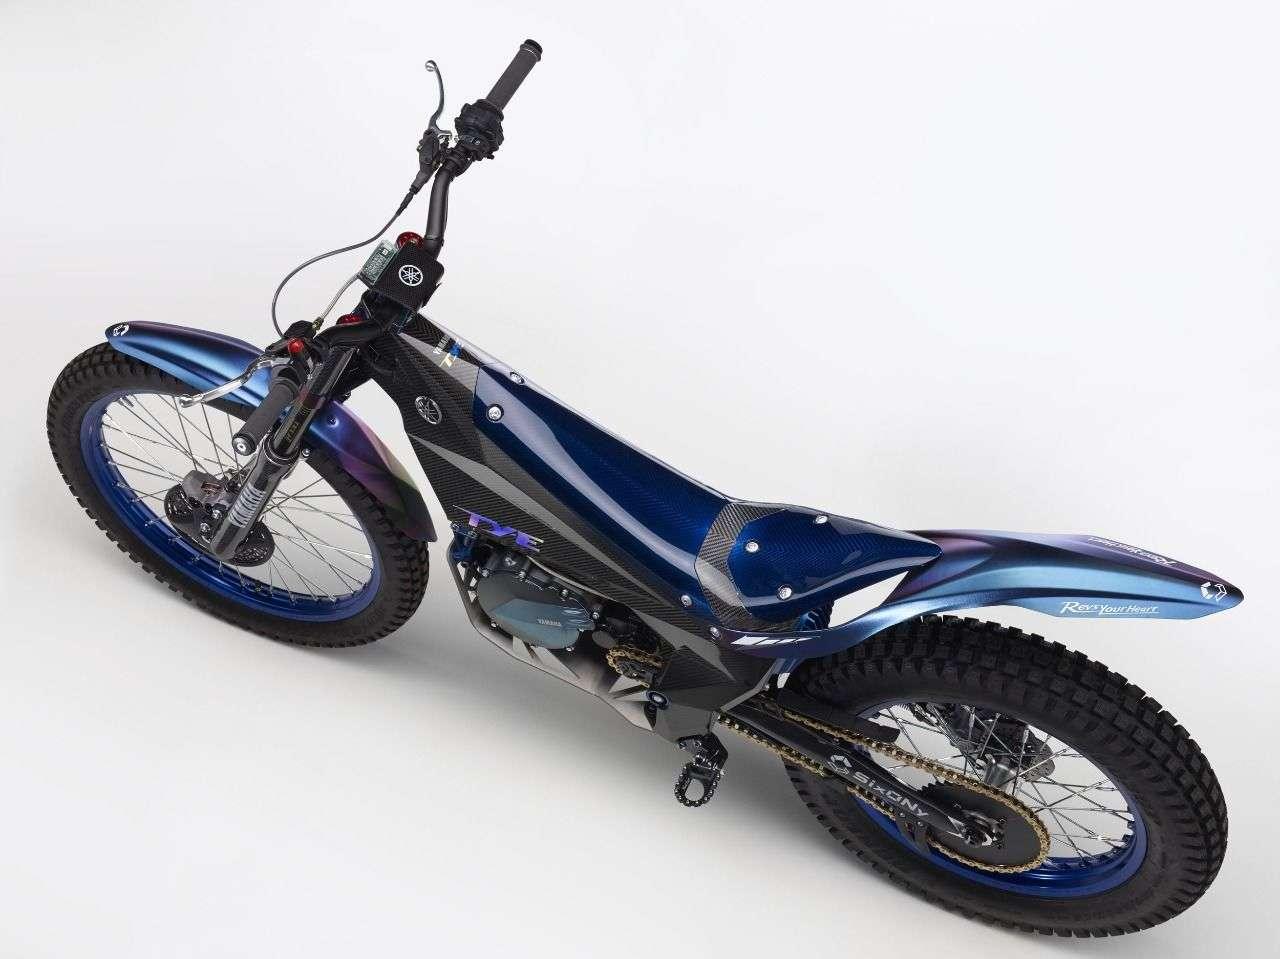 Motorräder, die so aussehen, dürfen auch mit Strom fahren.